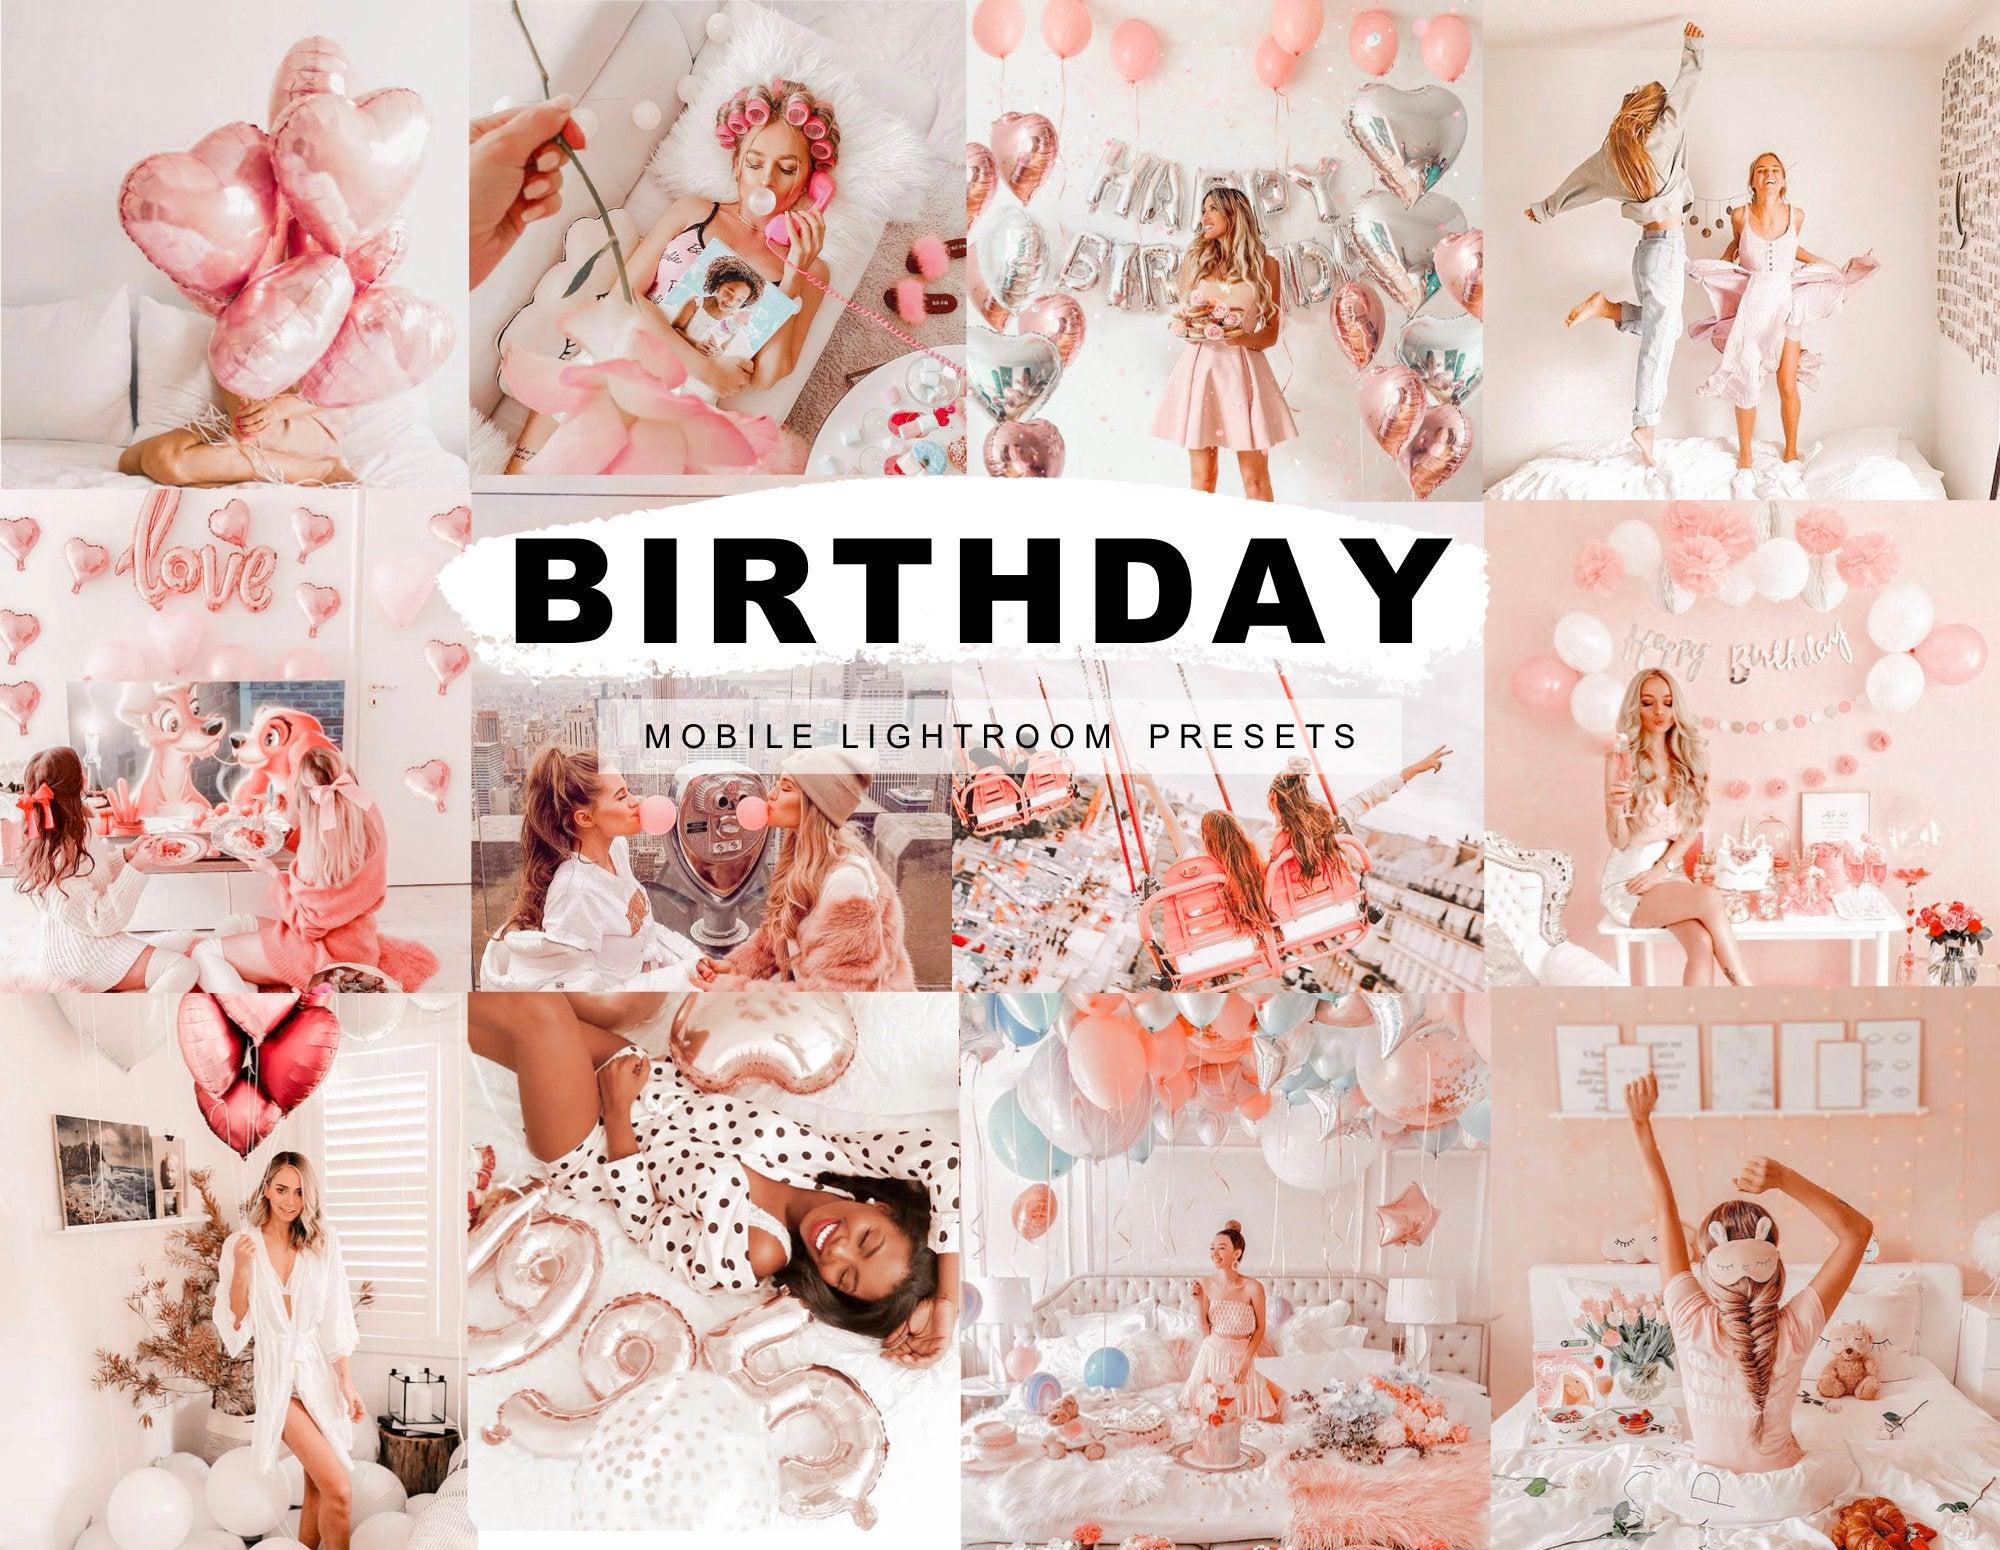 Birthday Pink Celebration Mobile Lightroom Presets